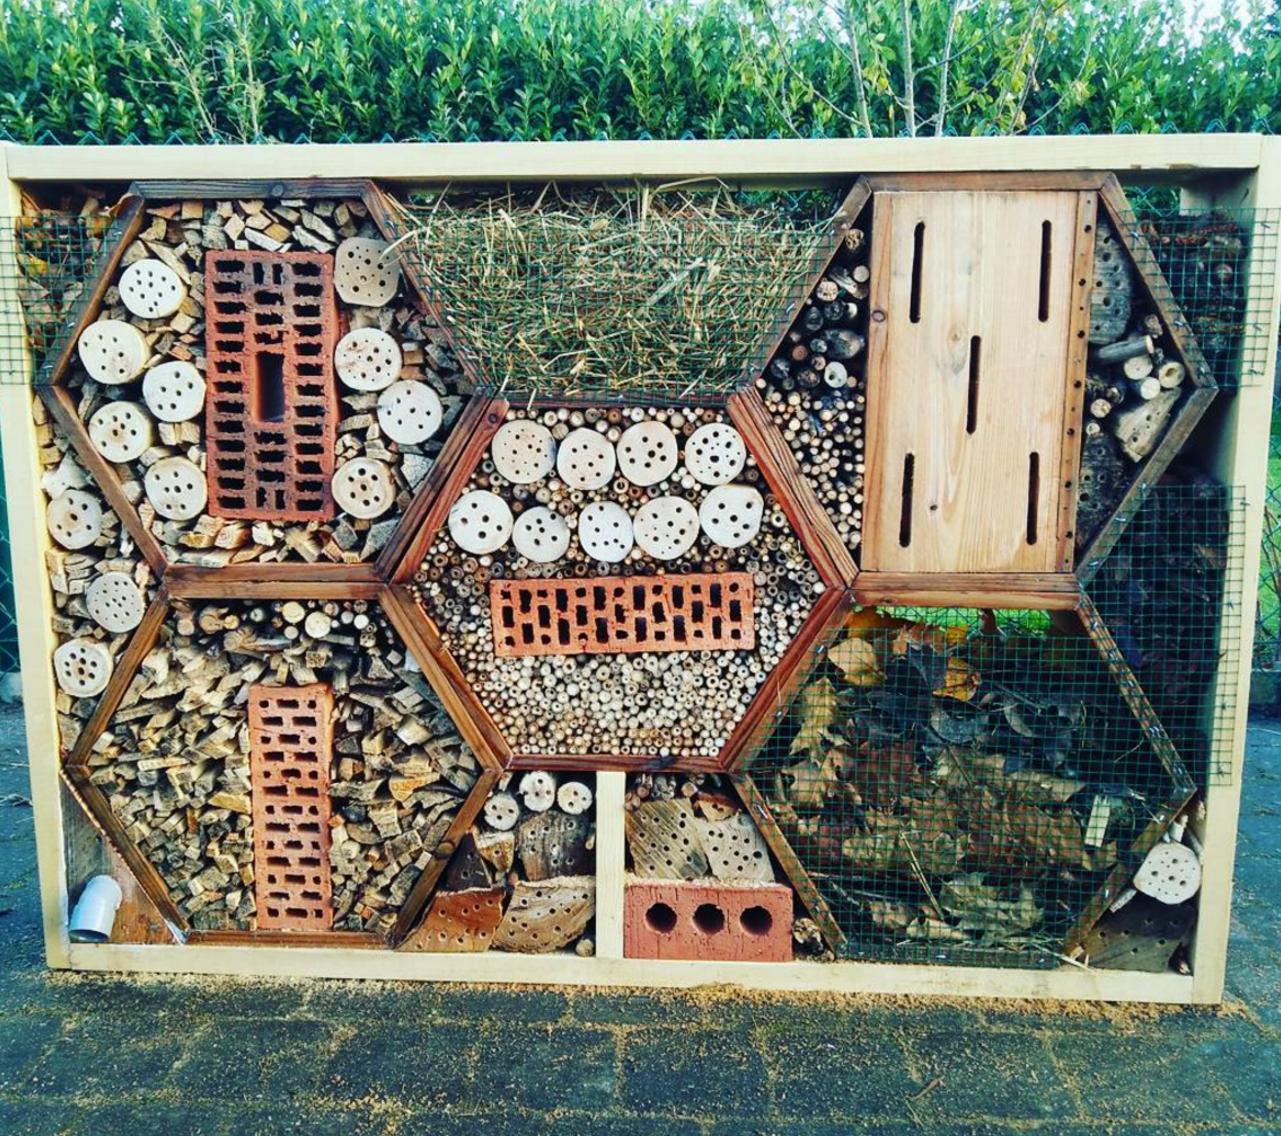 bijenhotel2